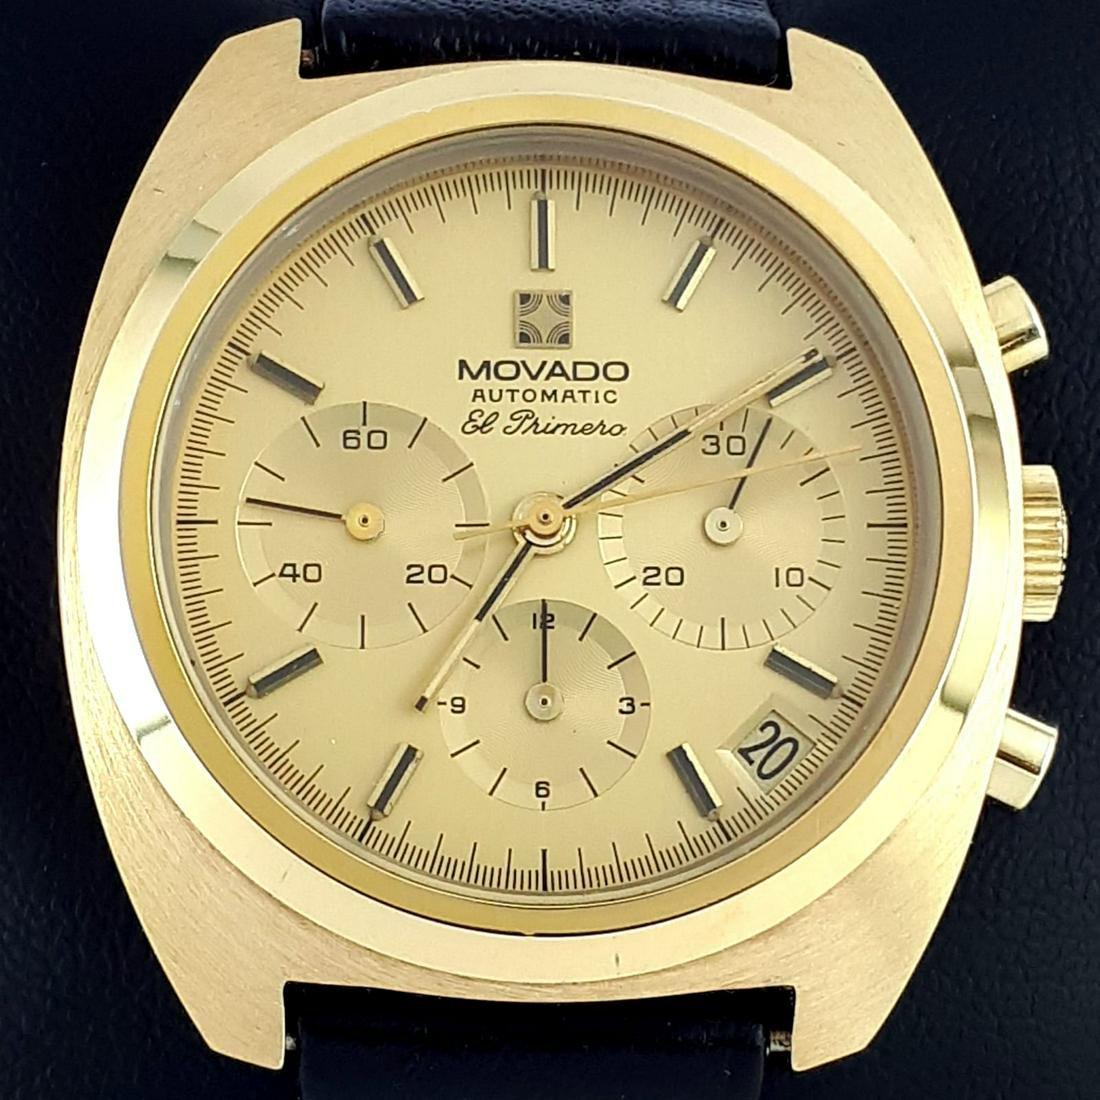 Movado - El Primero Automatic Chronograph - ref: